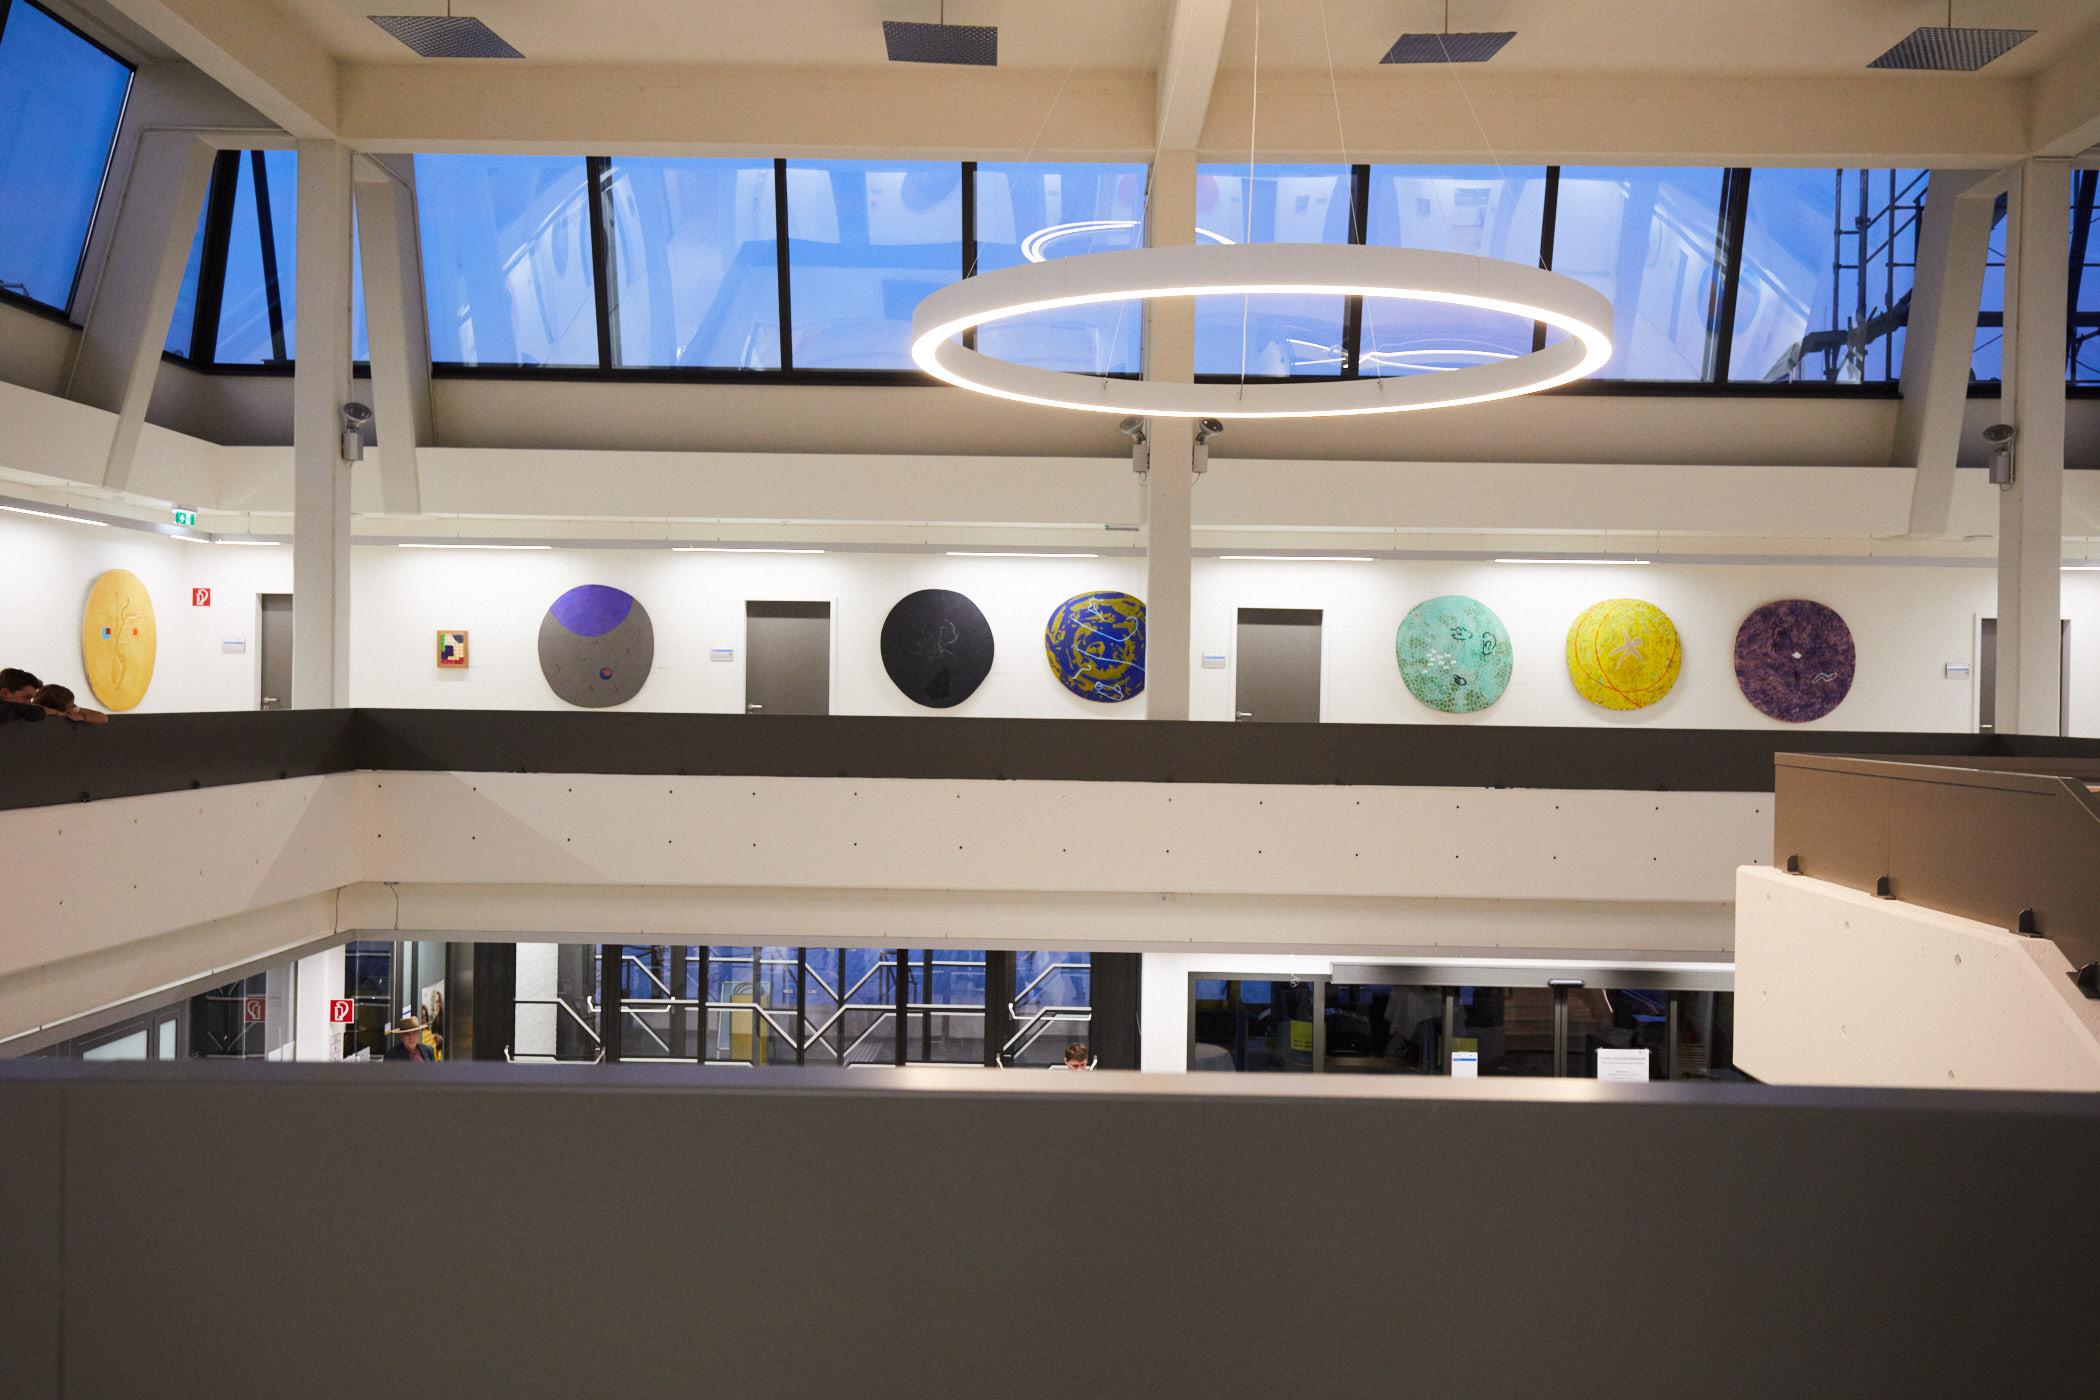 Ausstellung Johanes Zechner Tilly Lab Circle in der Großen Galerie | Foto aau/Johannes Puch